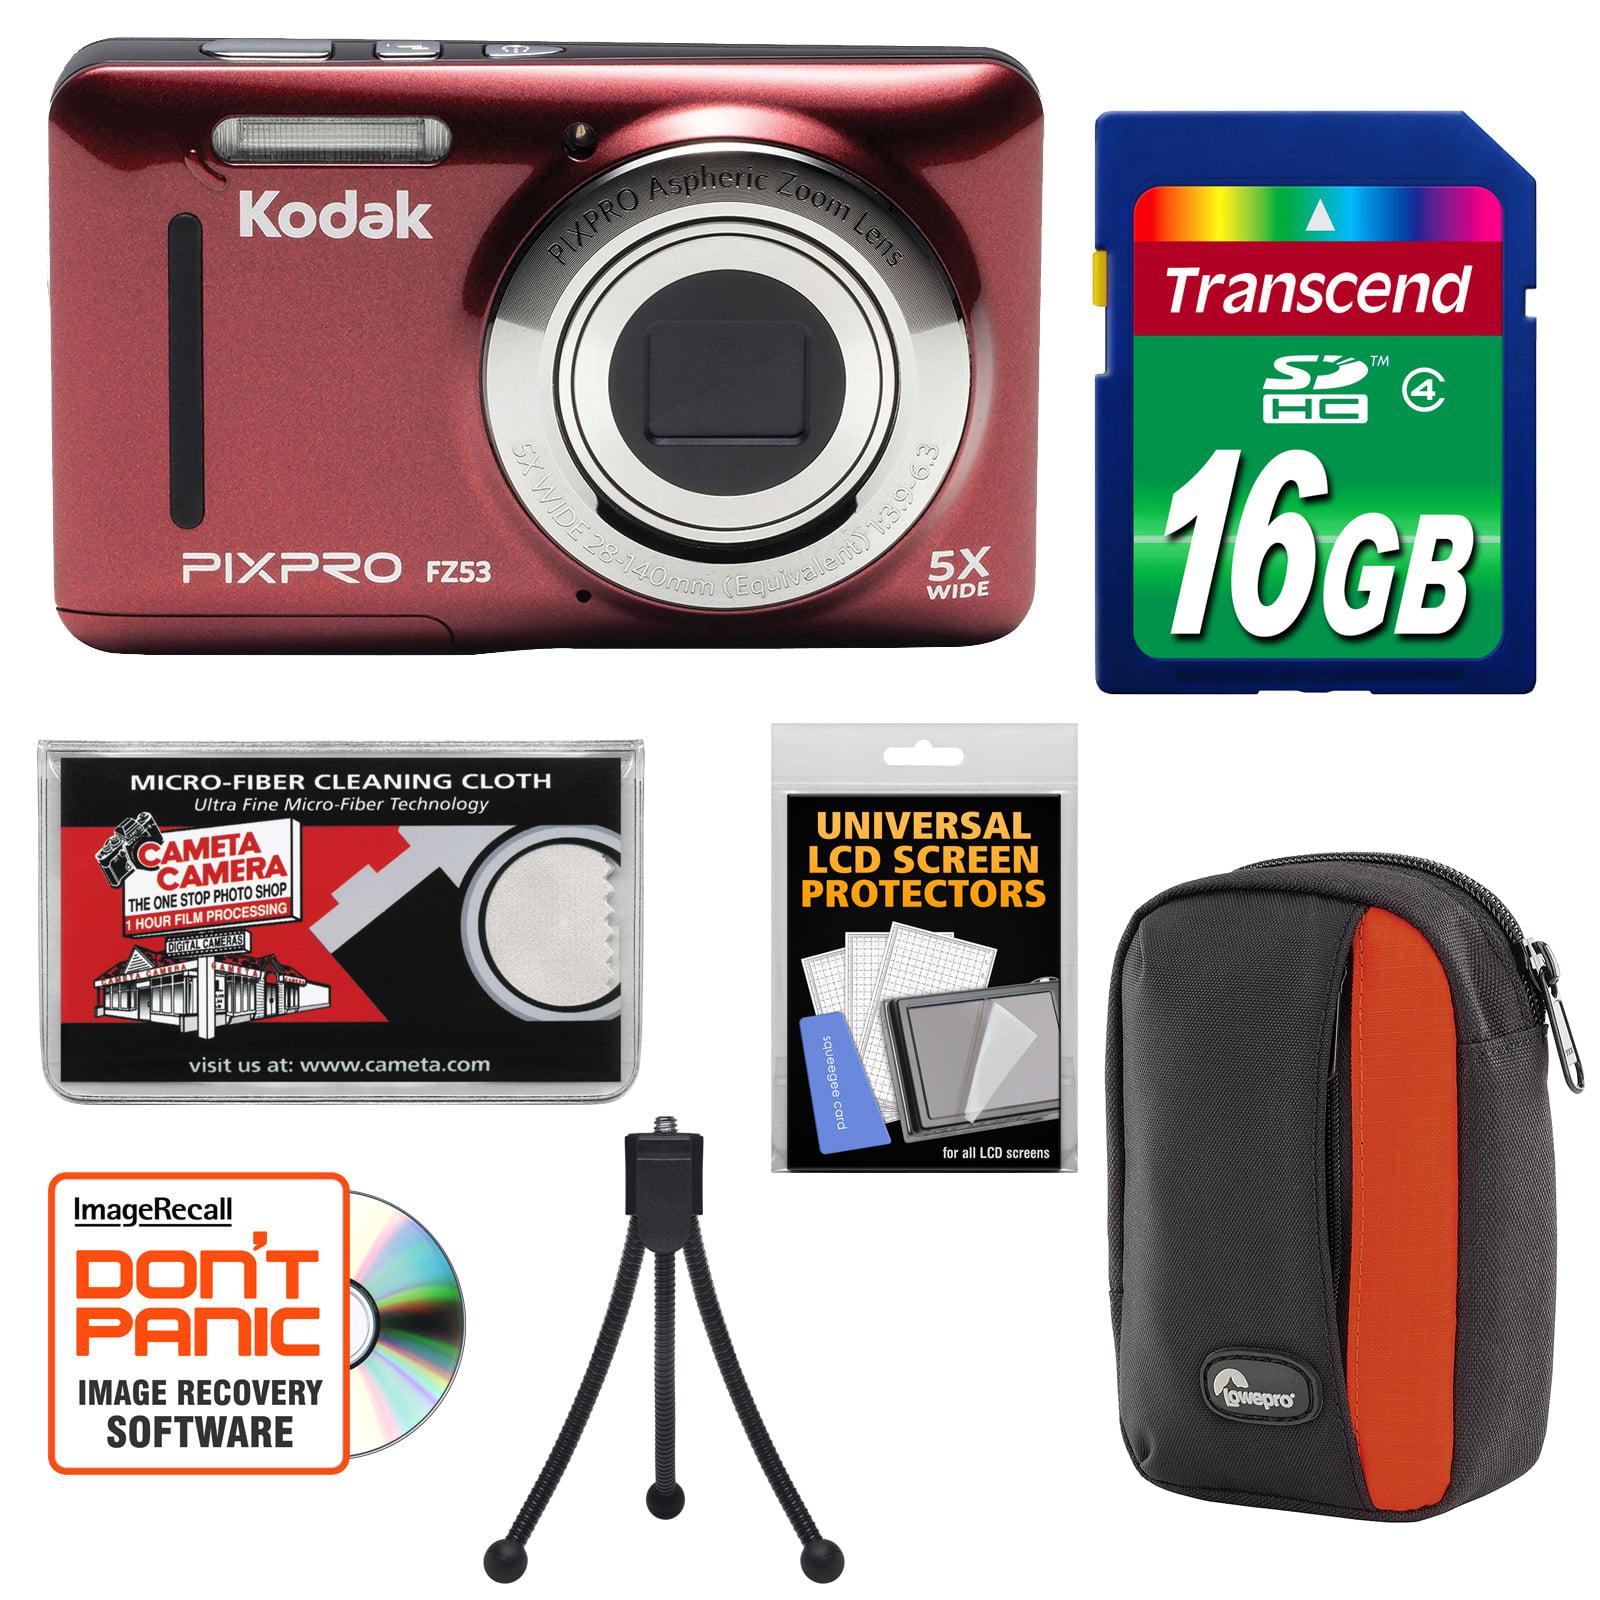 KODAK PIXPRO Friendly Zoom FZ53 Digital Camera (Black) with 16GB Card + Case + Tripod + Kit